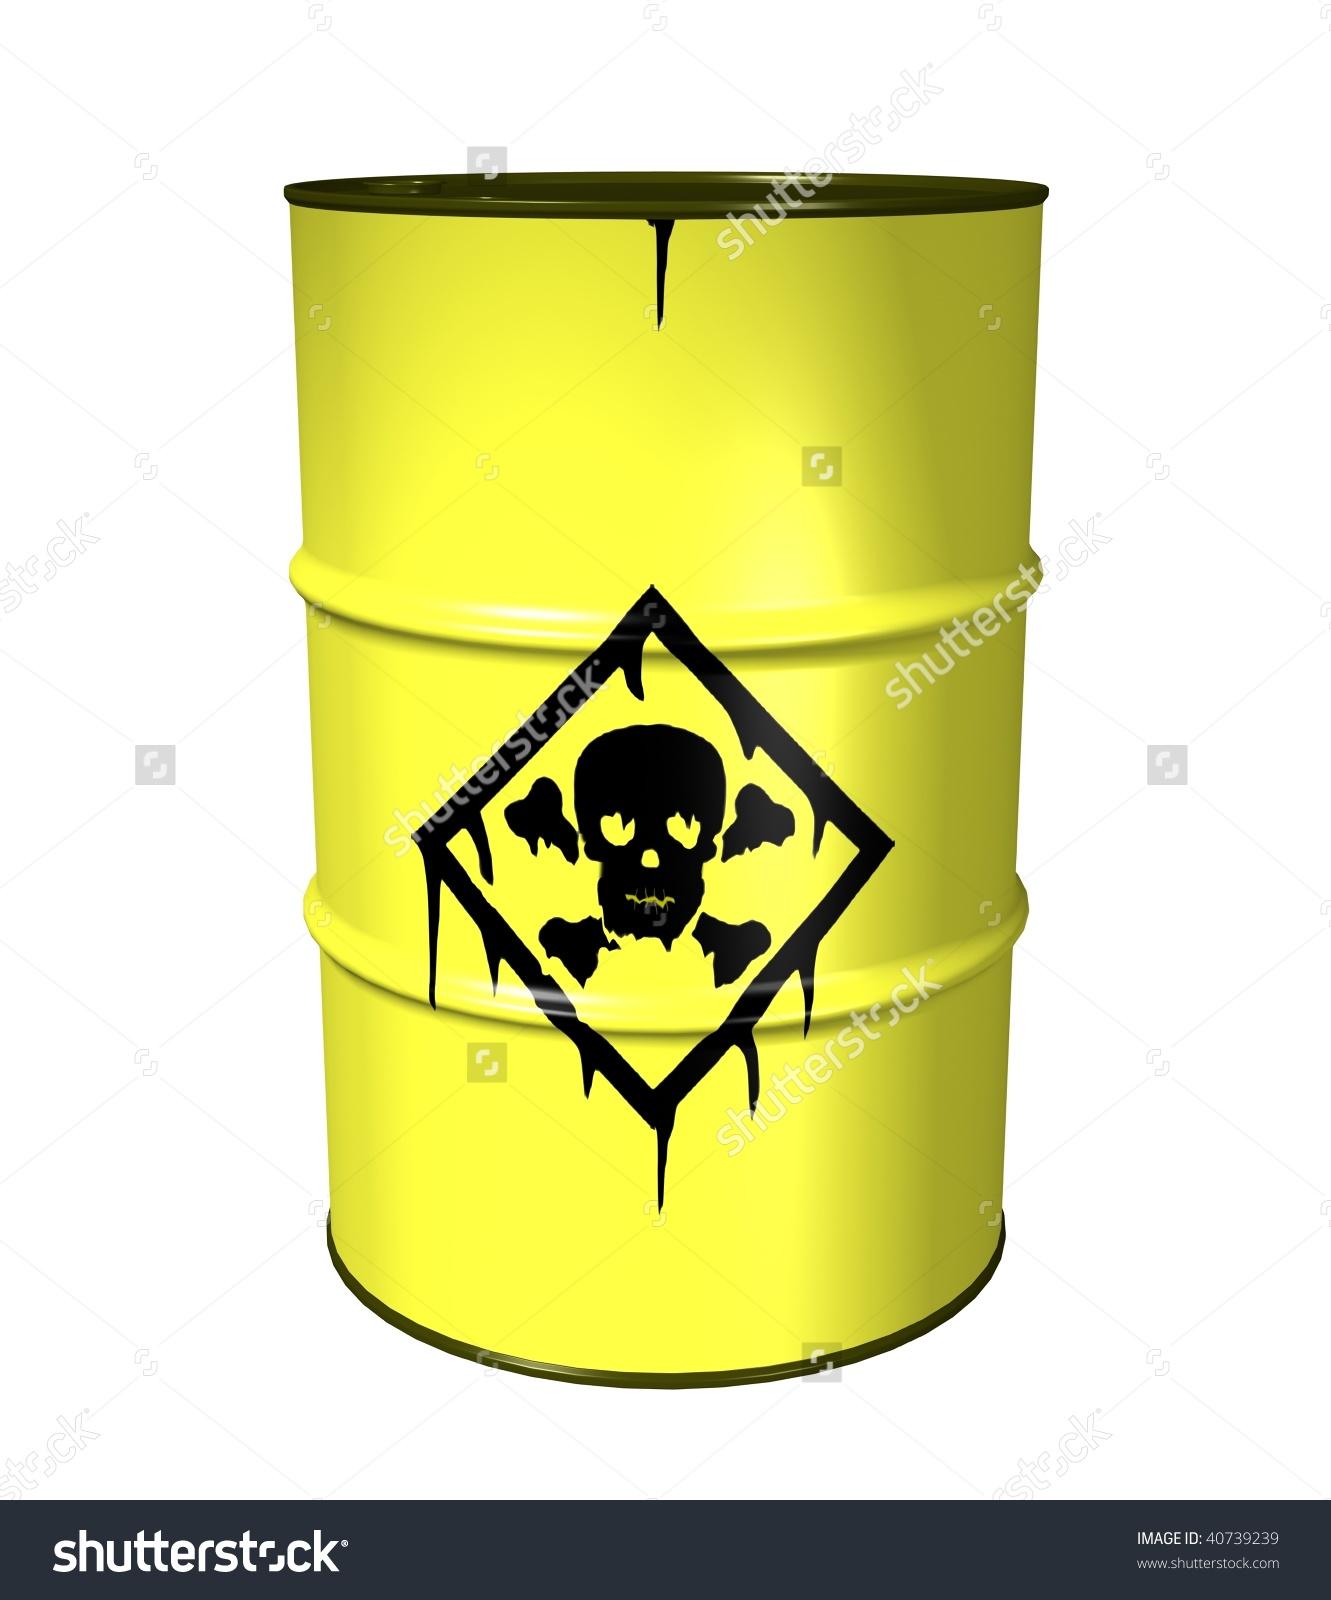 Toxic clipart barrel (55+) waste Clipart toxic barrel